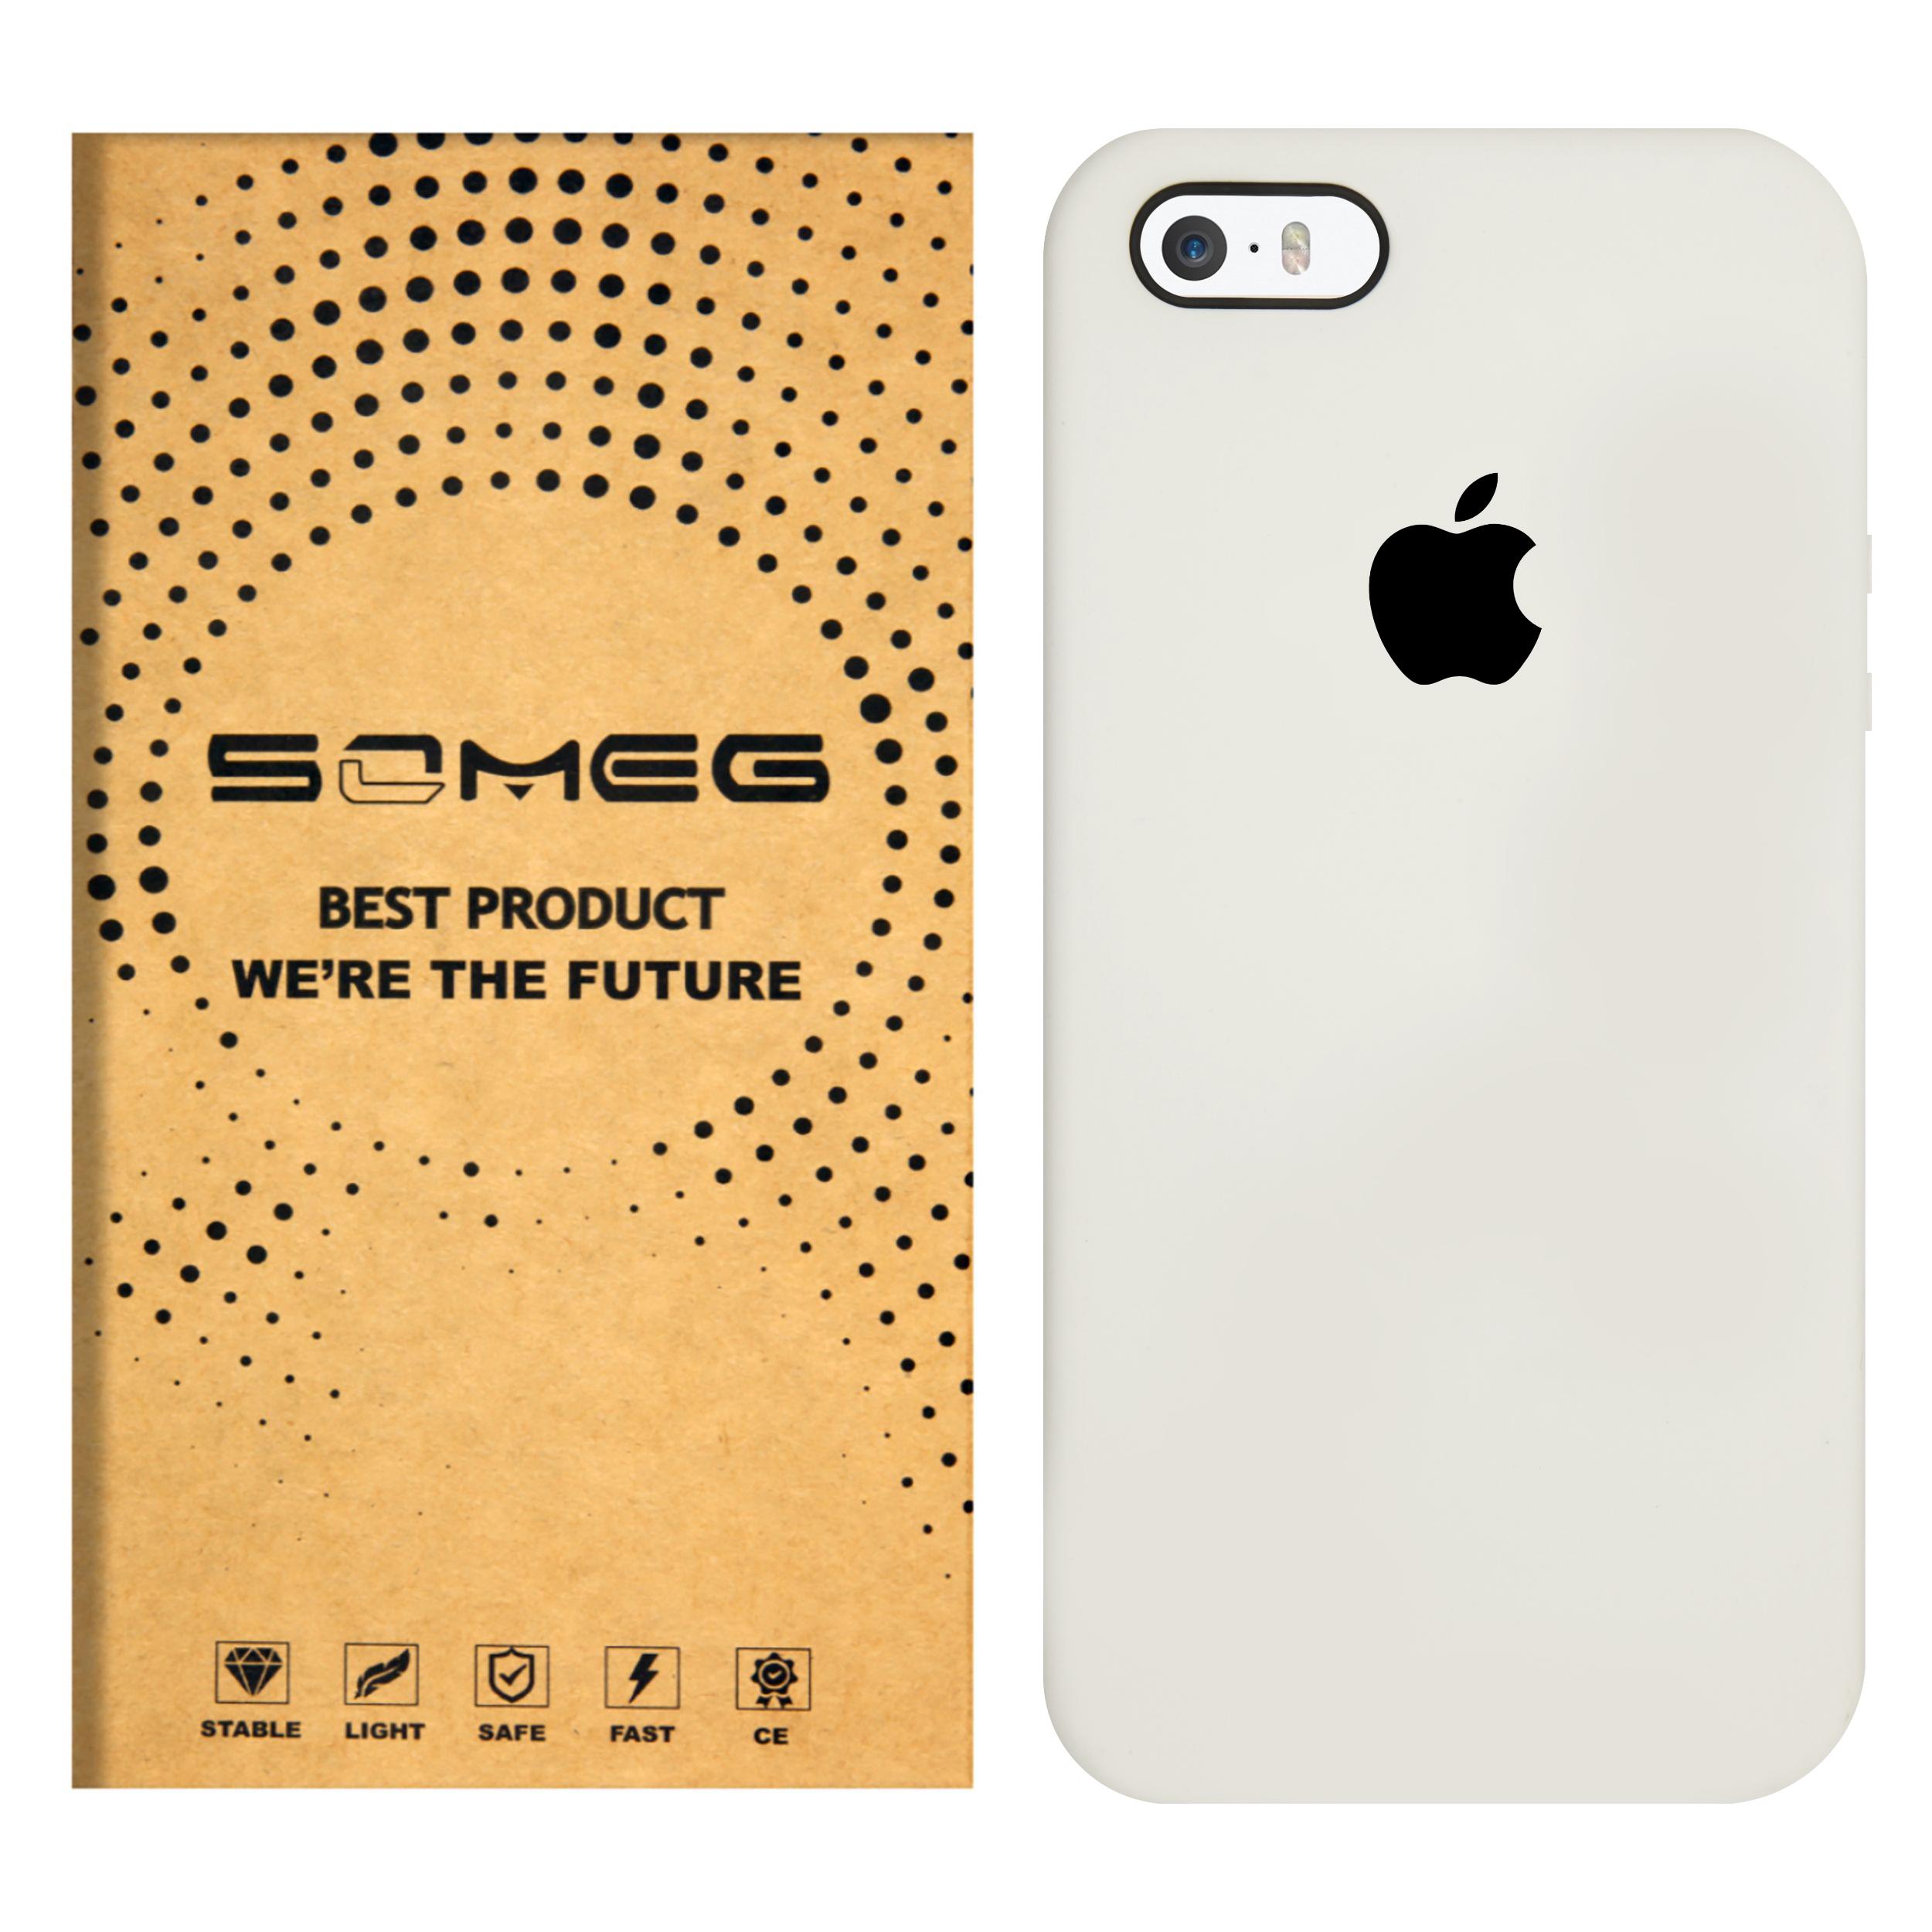 کاور سومگ مدل SIC مناسب برای گوشی موبایل اپل iPhone 5/5S/SE